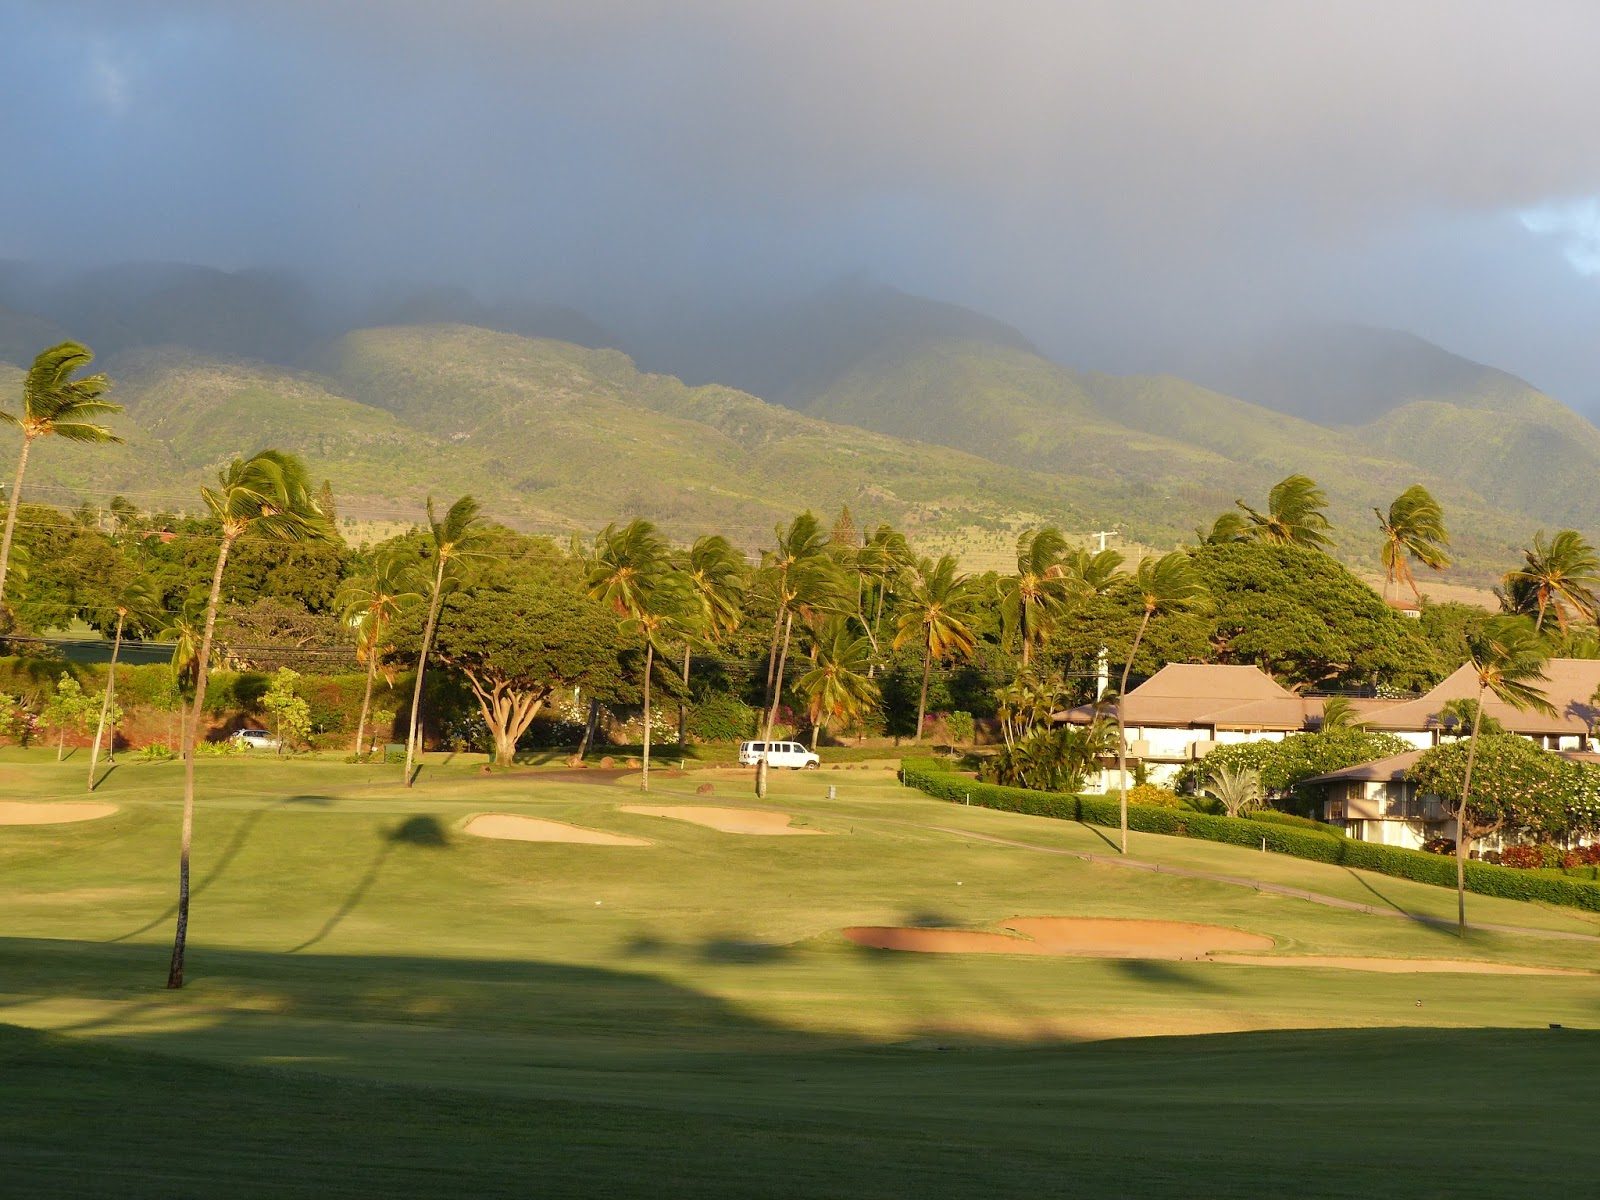 bbb8f93f045c Shekinah Fellowship  Maui Is The Best (ONO) Maui no ka oi